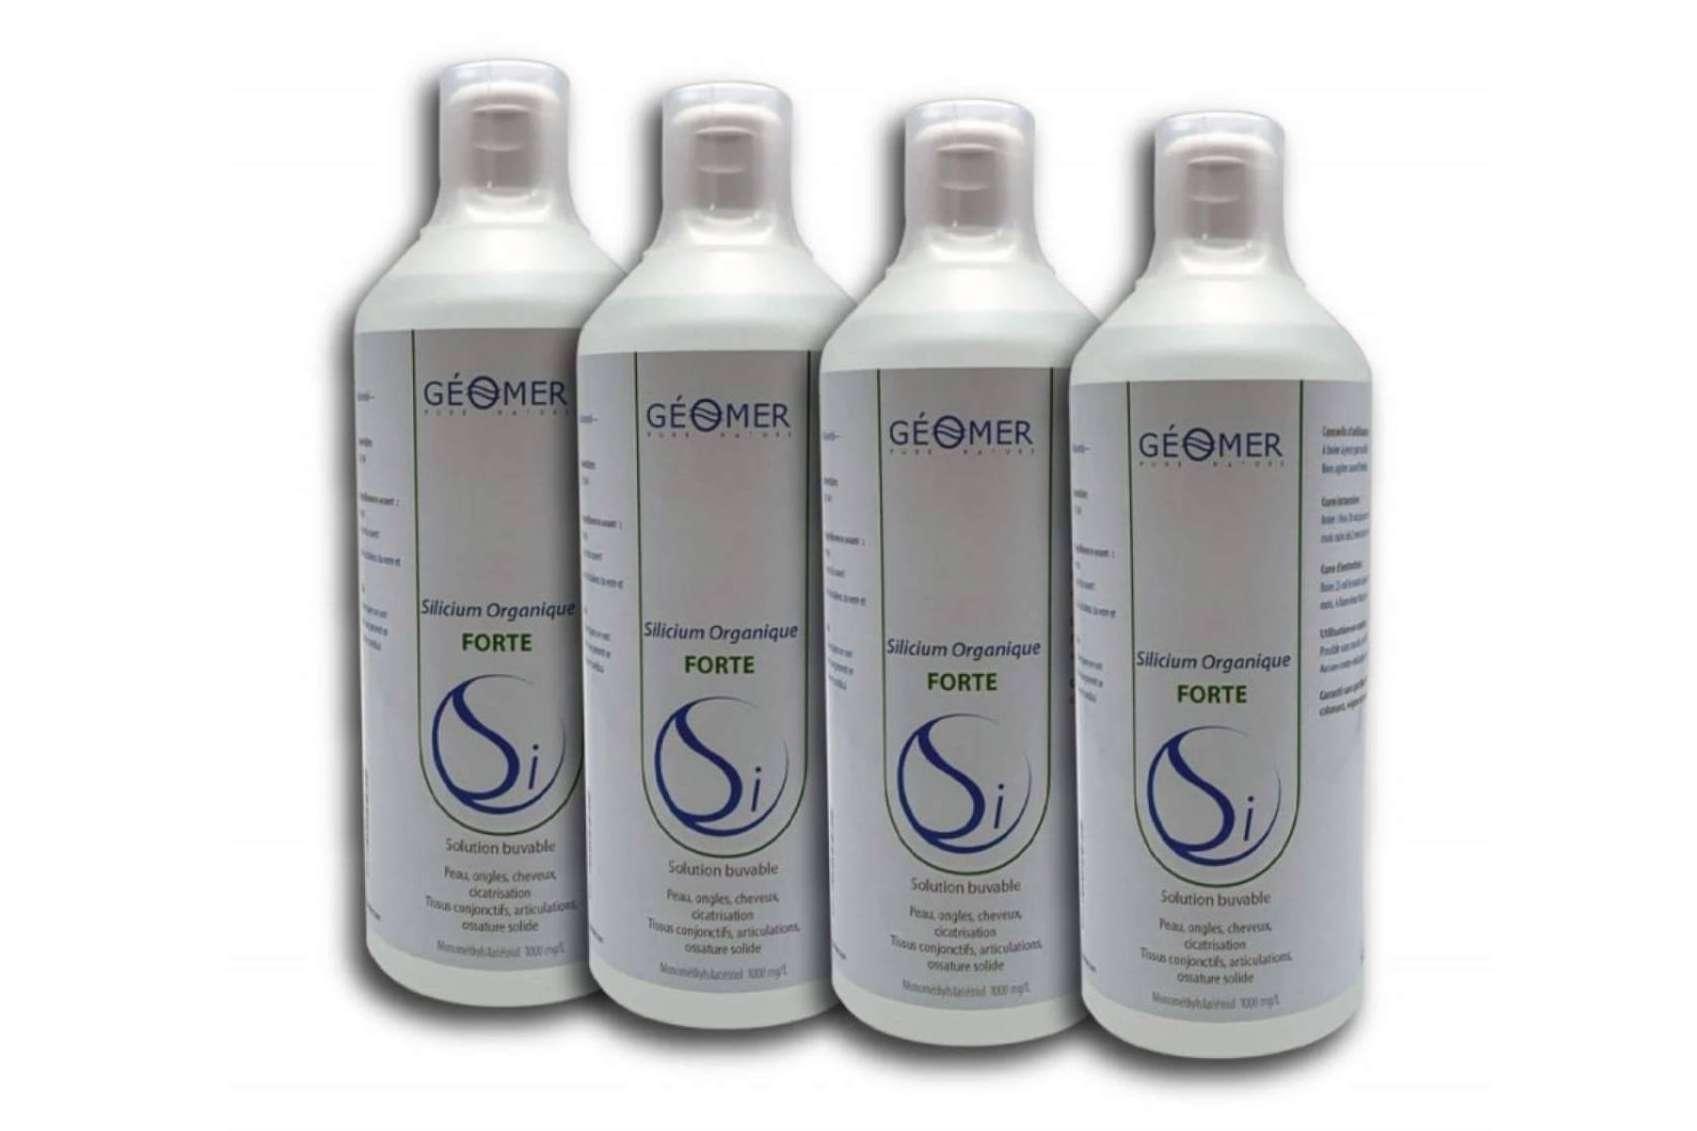 Laboratorios Géomer ofrece un complemento alimenticio con múltiples beneficios para la salud: Silicio Orgánico Fuerte